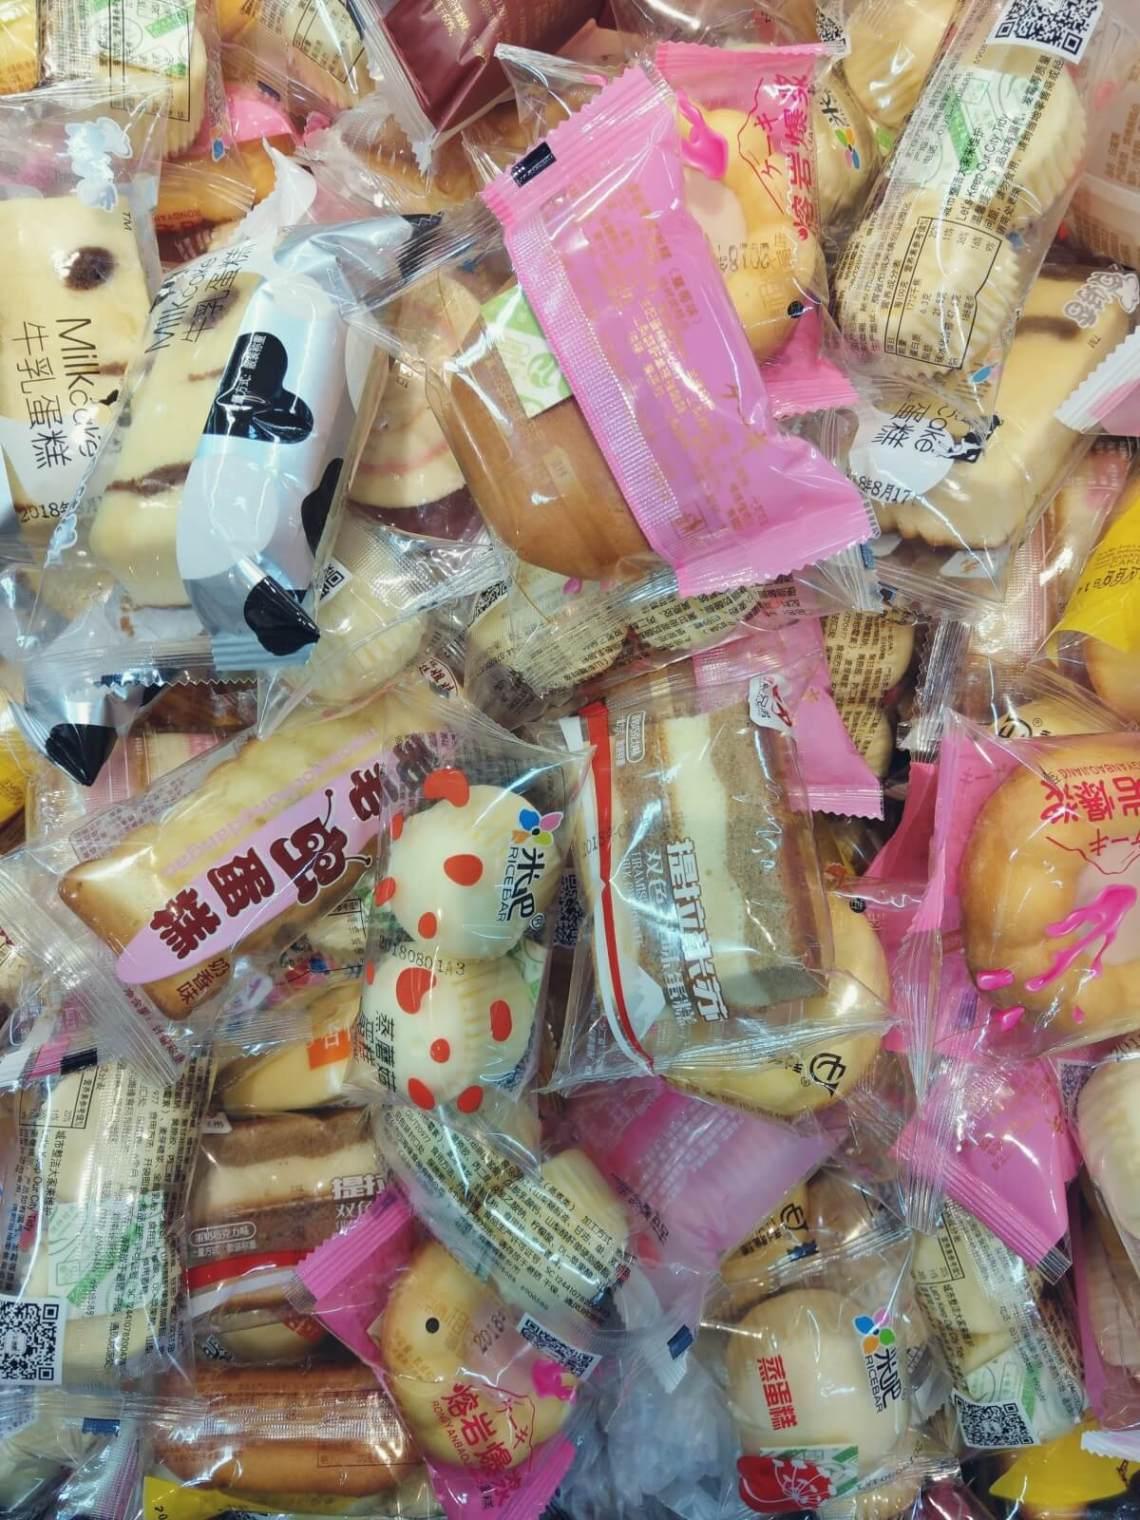 Chińskie słodycze.